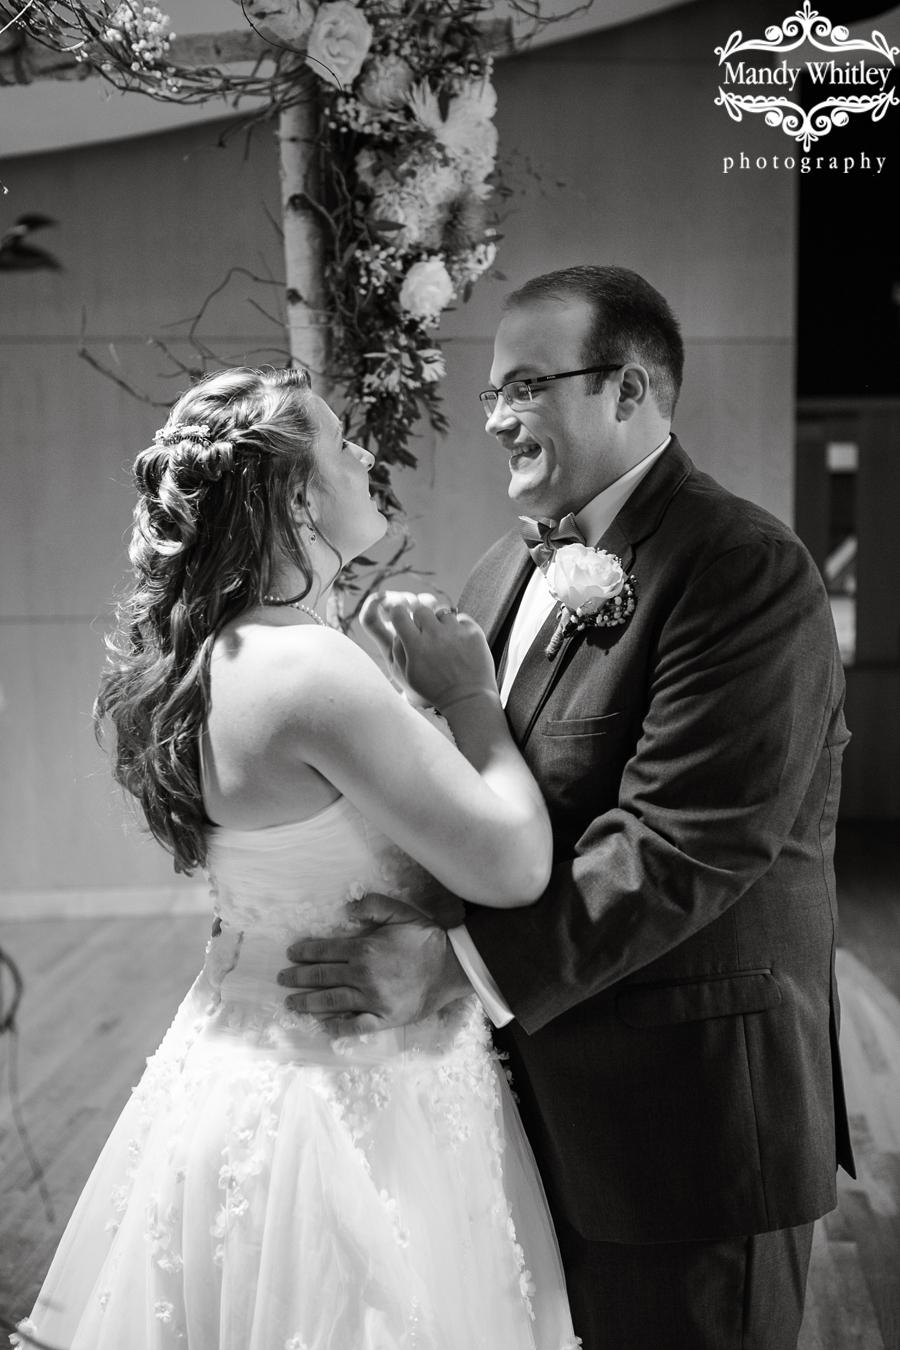 W.O. Smith School of Music Wedding in Nashville TN